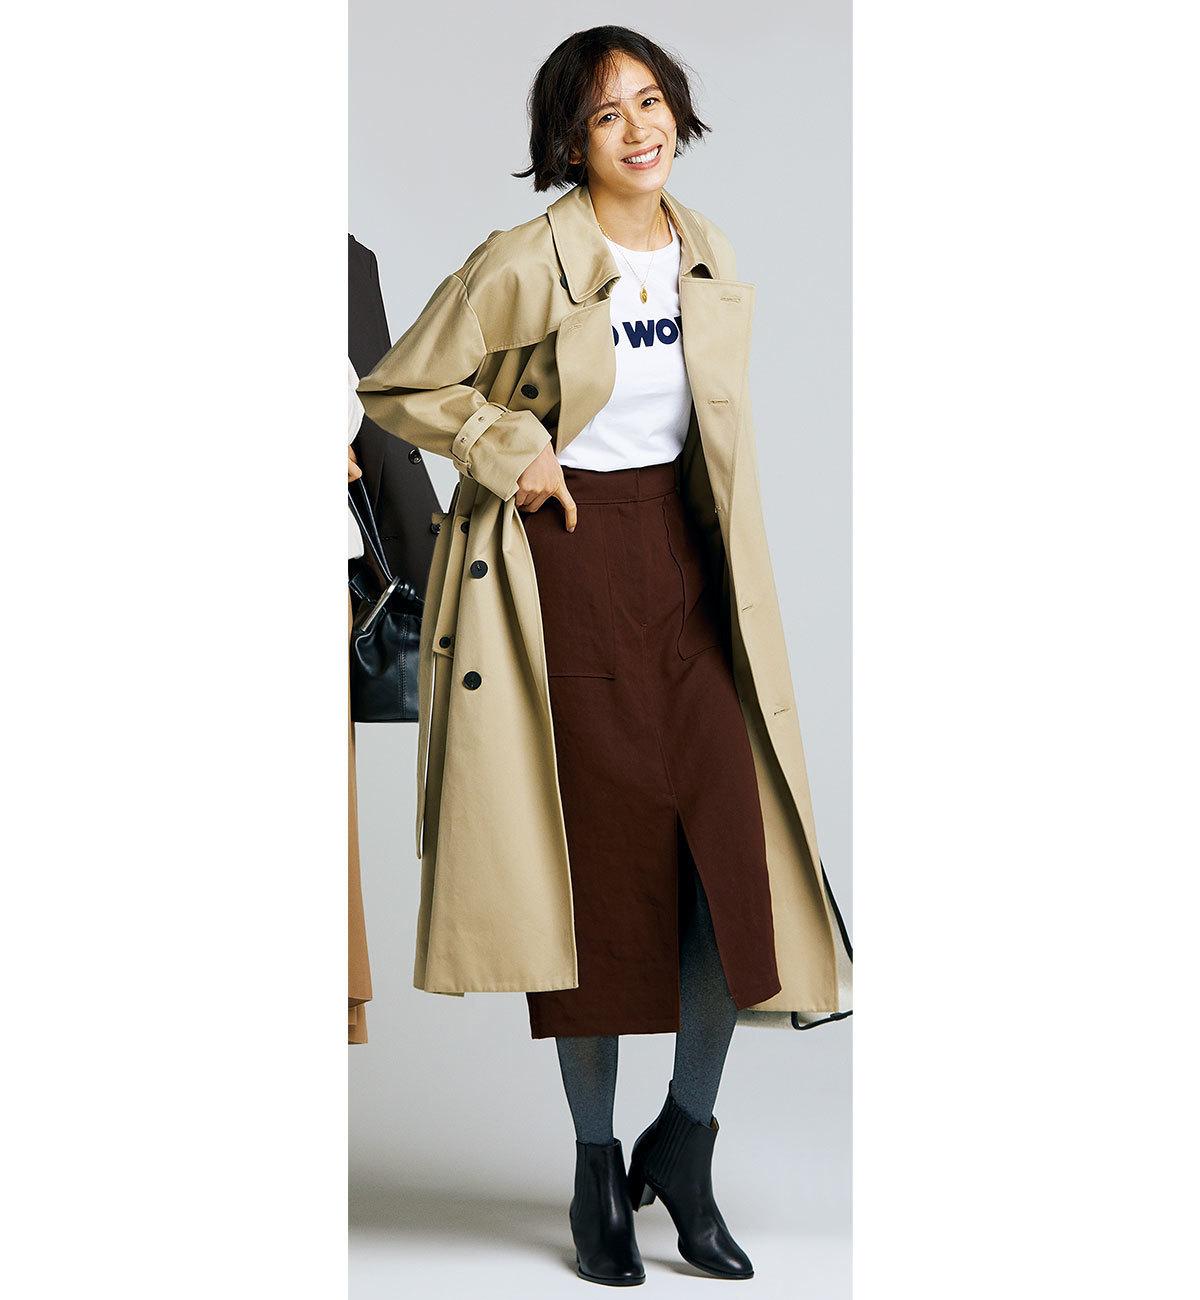 トレンチコート×Tシャツ×タイトスカート×黒のショートブーツコーデ